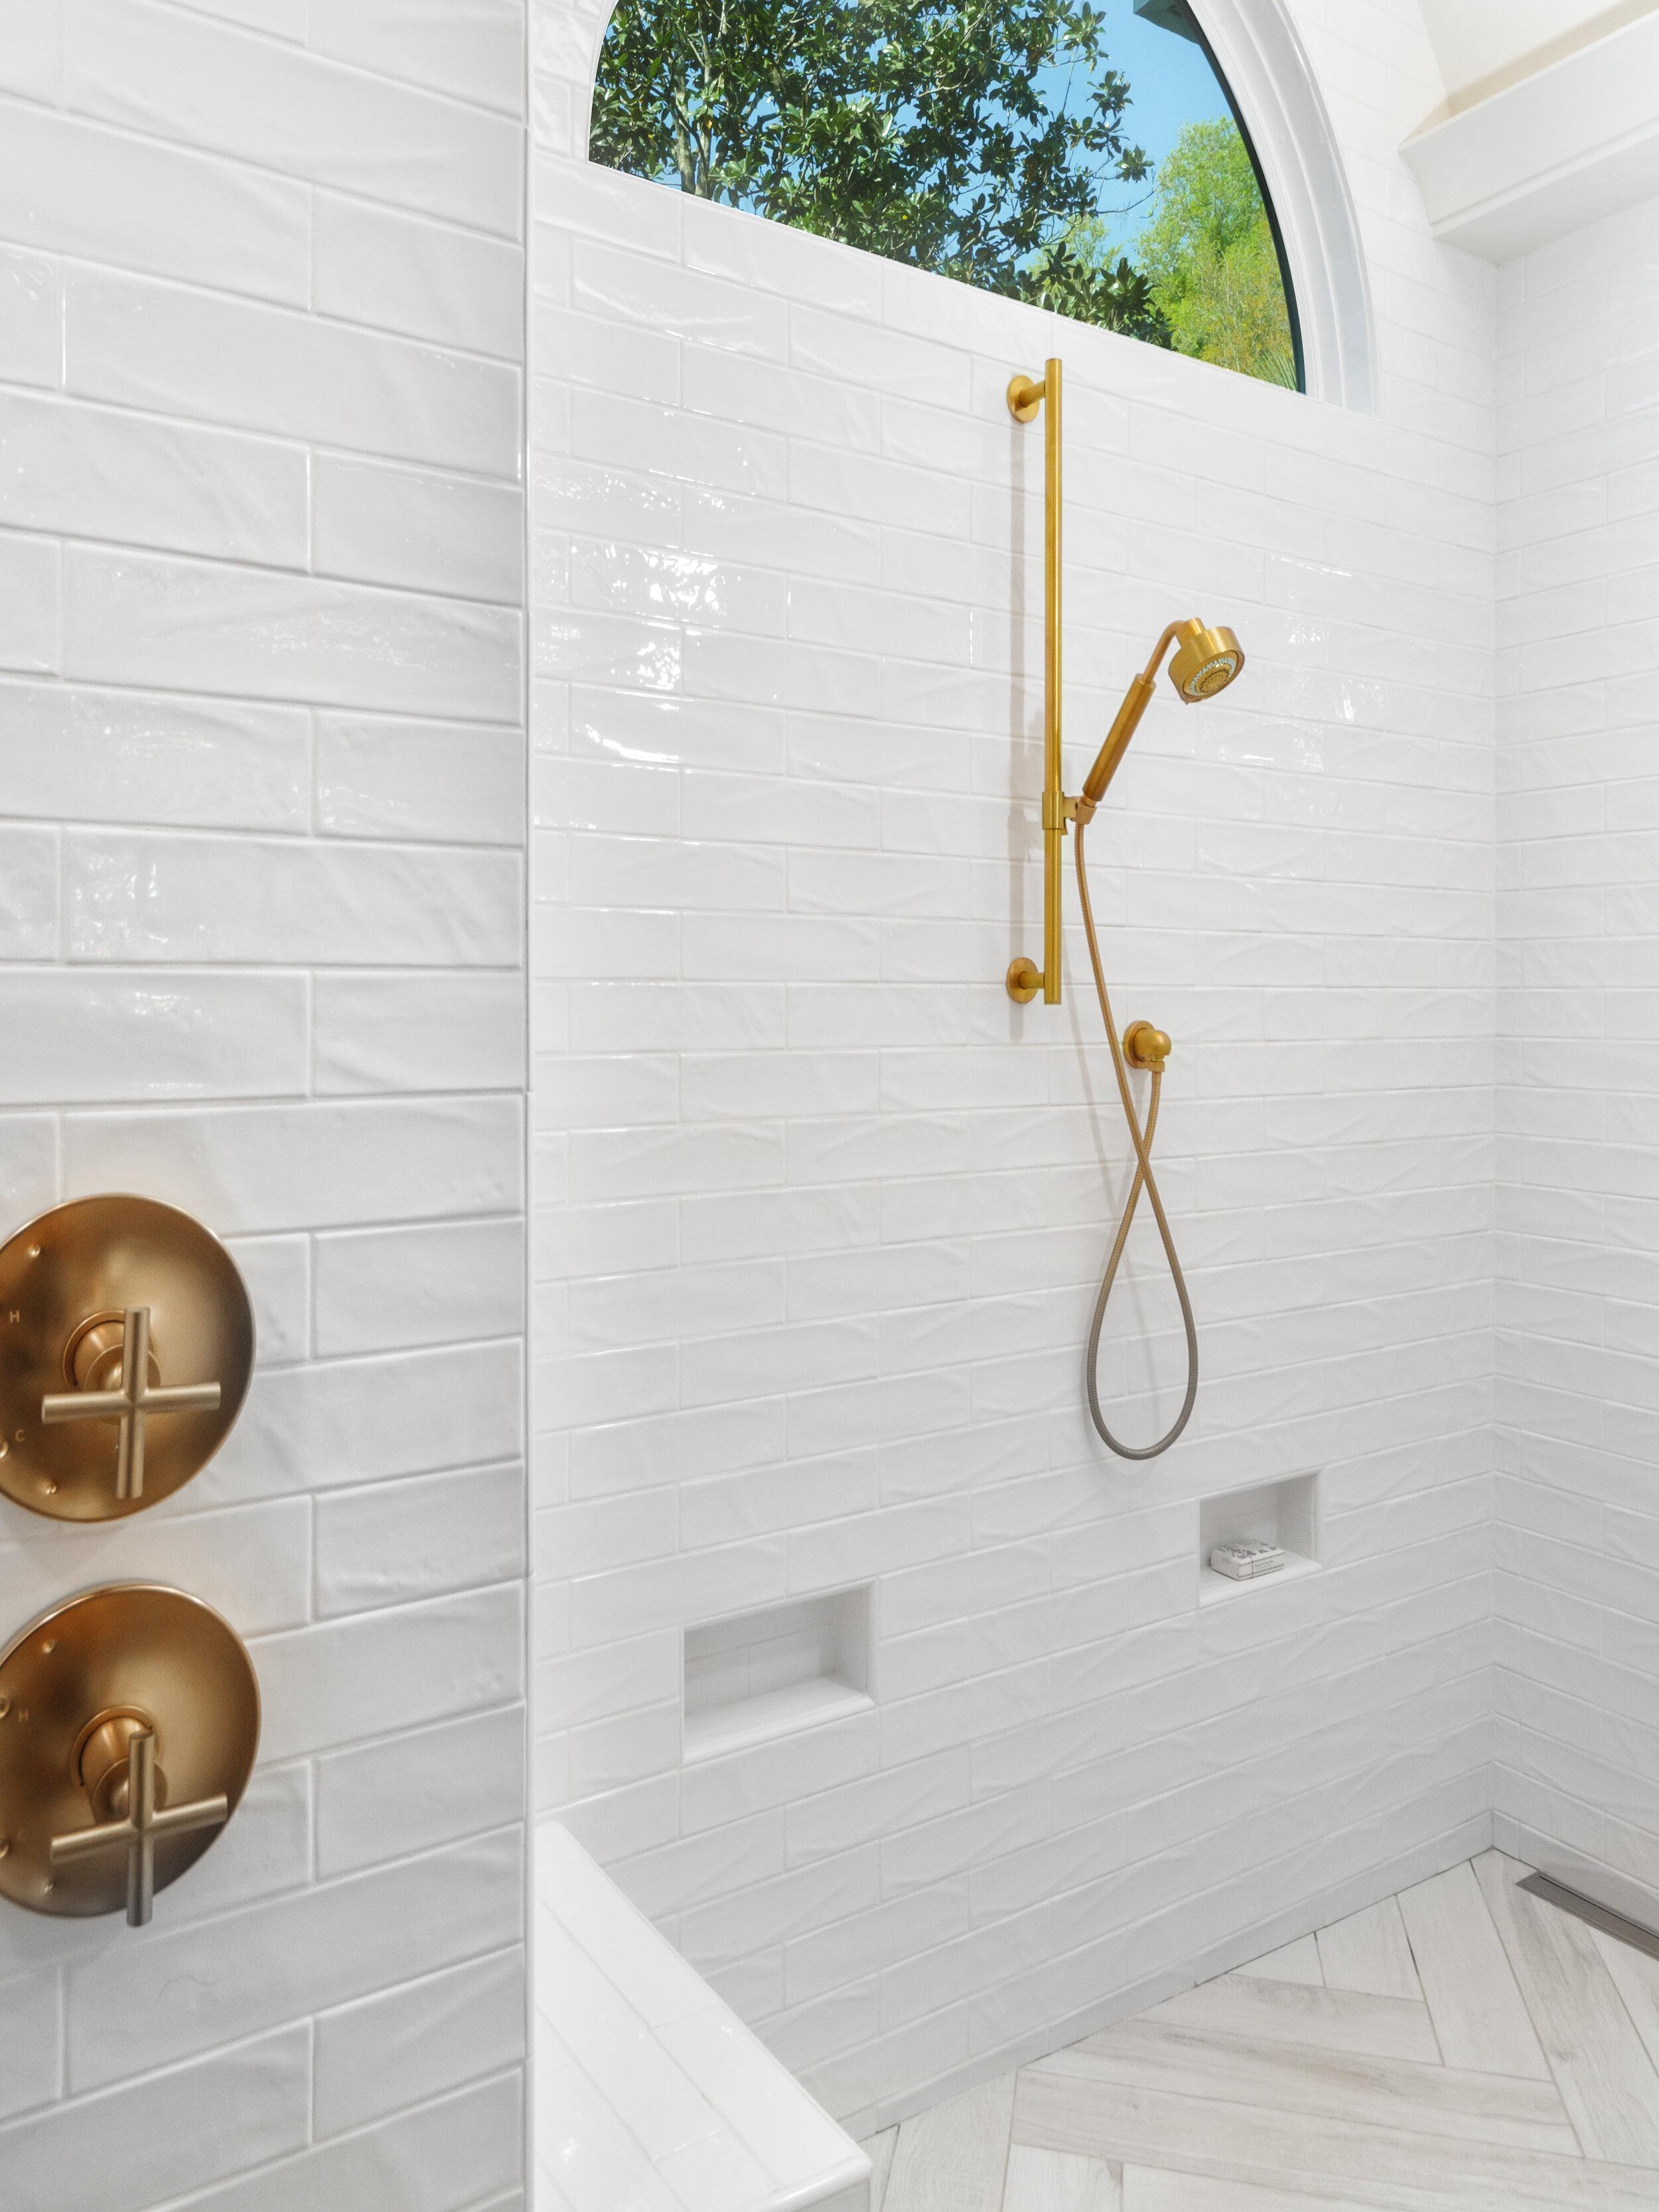 Gasser bath shower plumbing.jpg